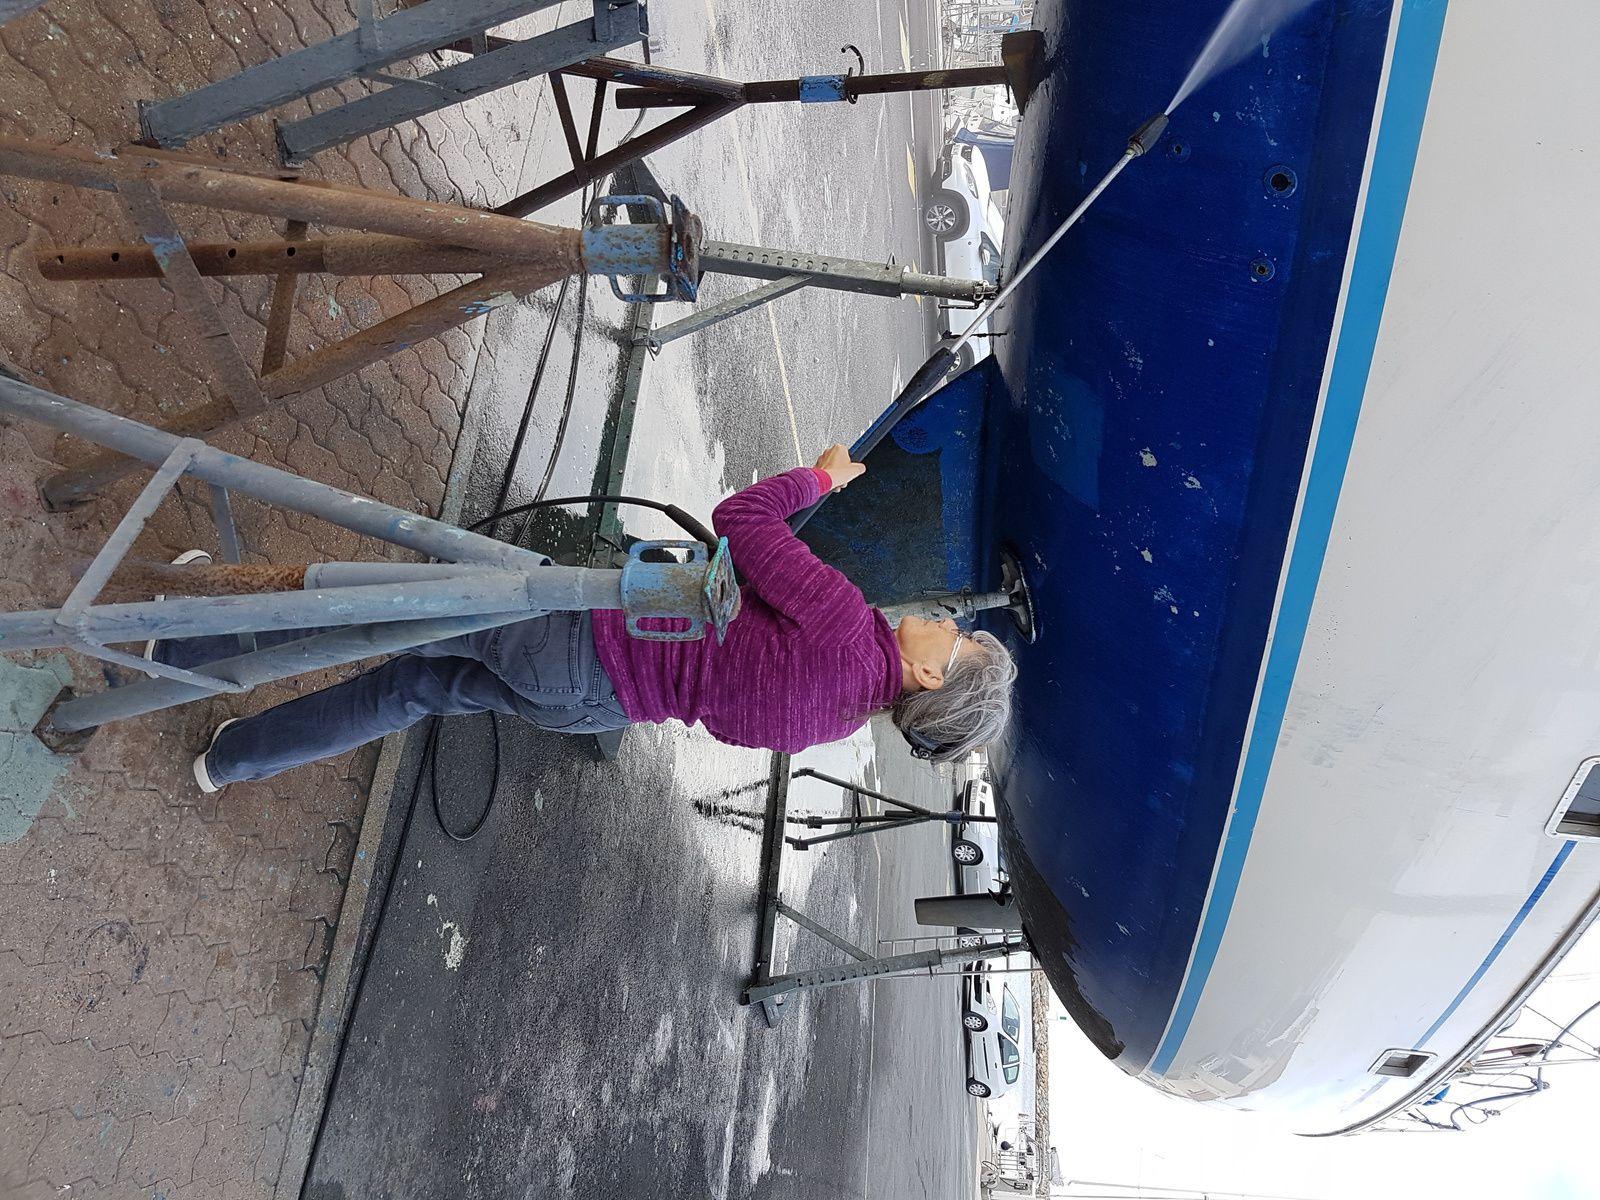 Gwendal tout propre après son nettoyage à haute pression